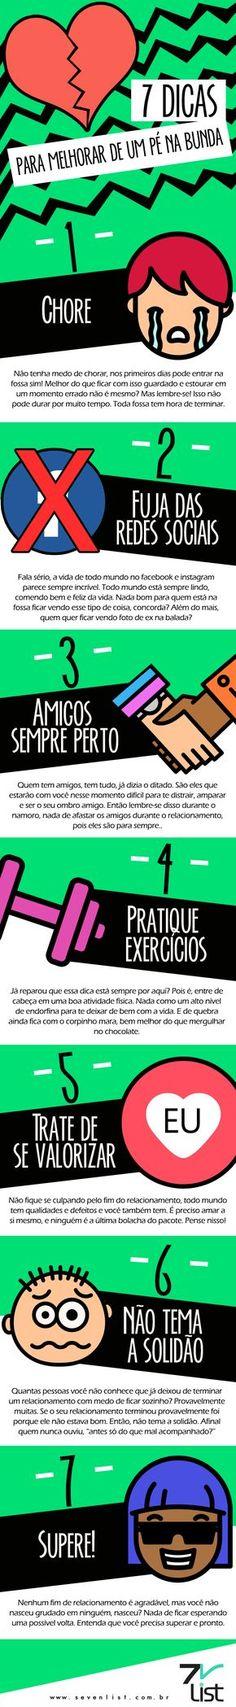 #SevenList #Art #Infográfico #Design #Comportamento #Relacionamento #Amor #Paixão #Namoro #Love #Pénabunda #Superação #FimdeNamoro